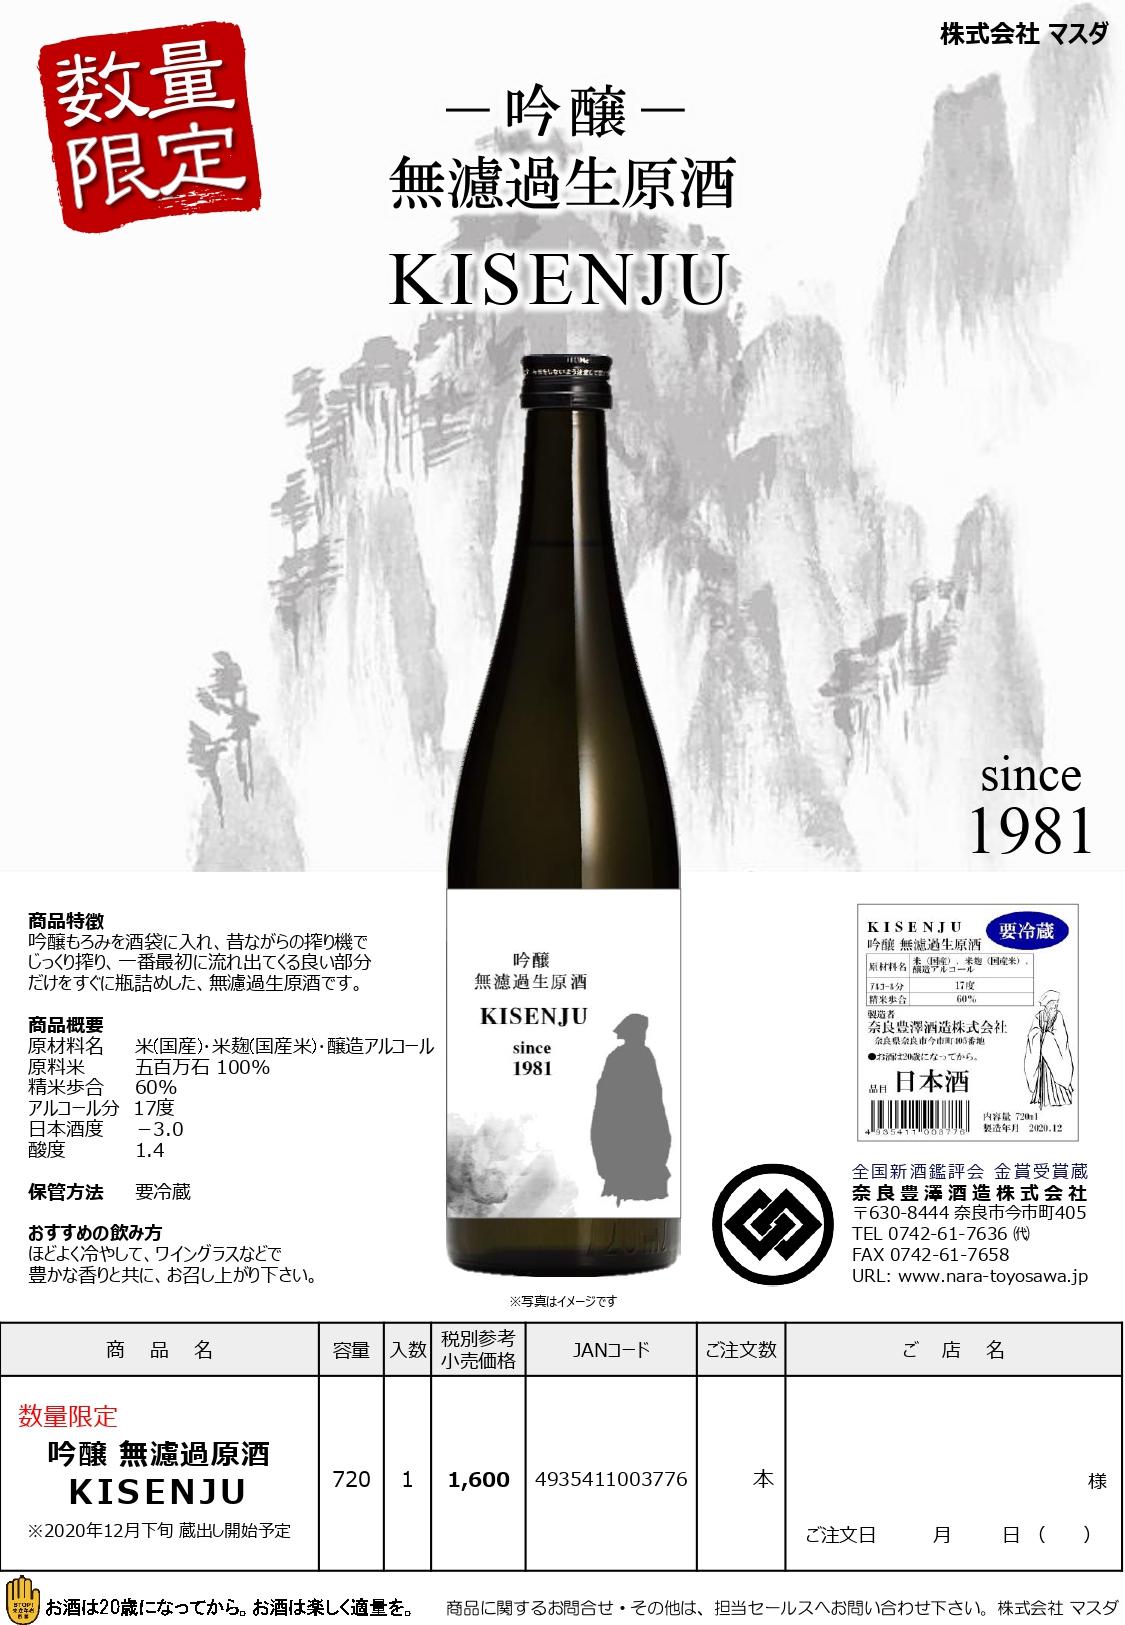 限定販売 吟醸無濾過生原酒 KISENJYU 2本セット 販売です。 大晦日、正月にお勧めです。